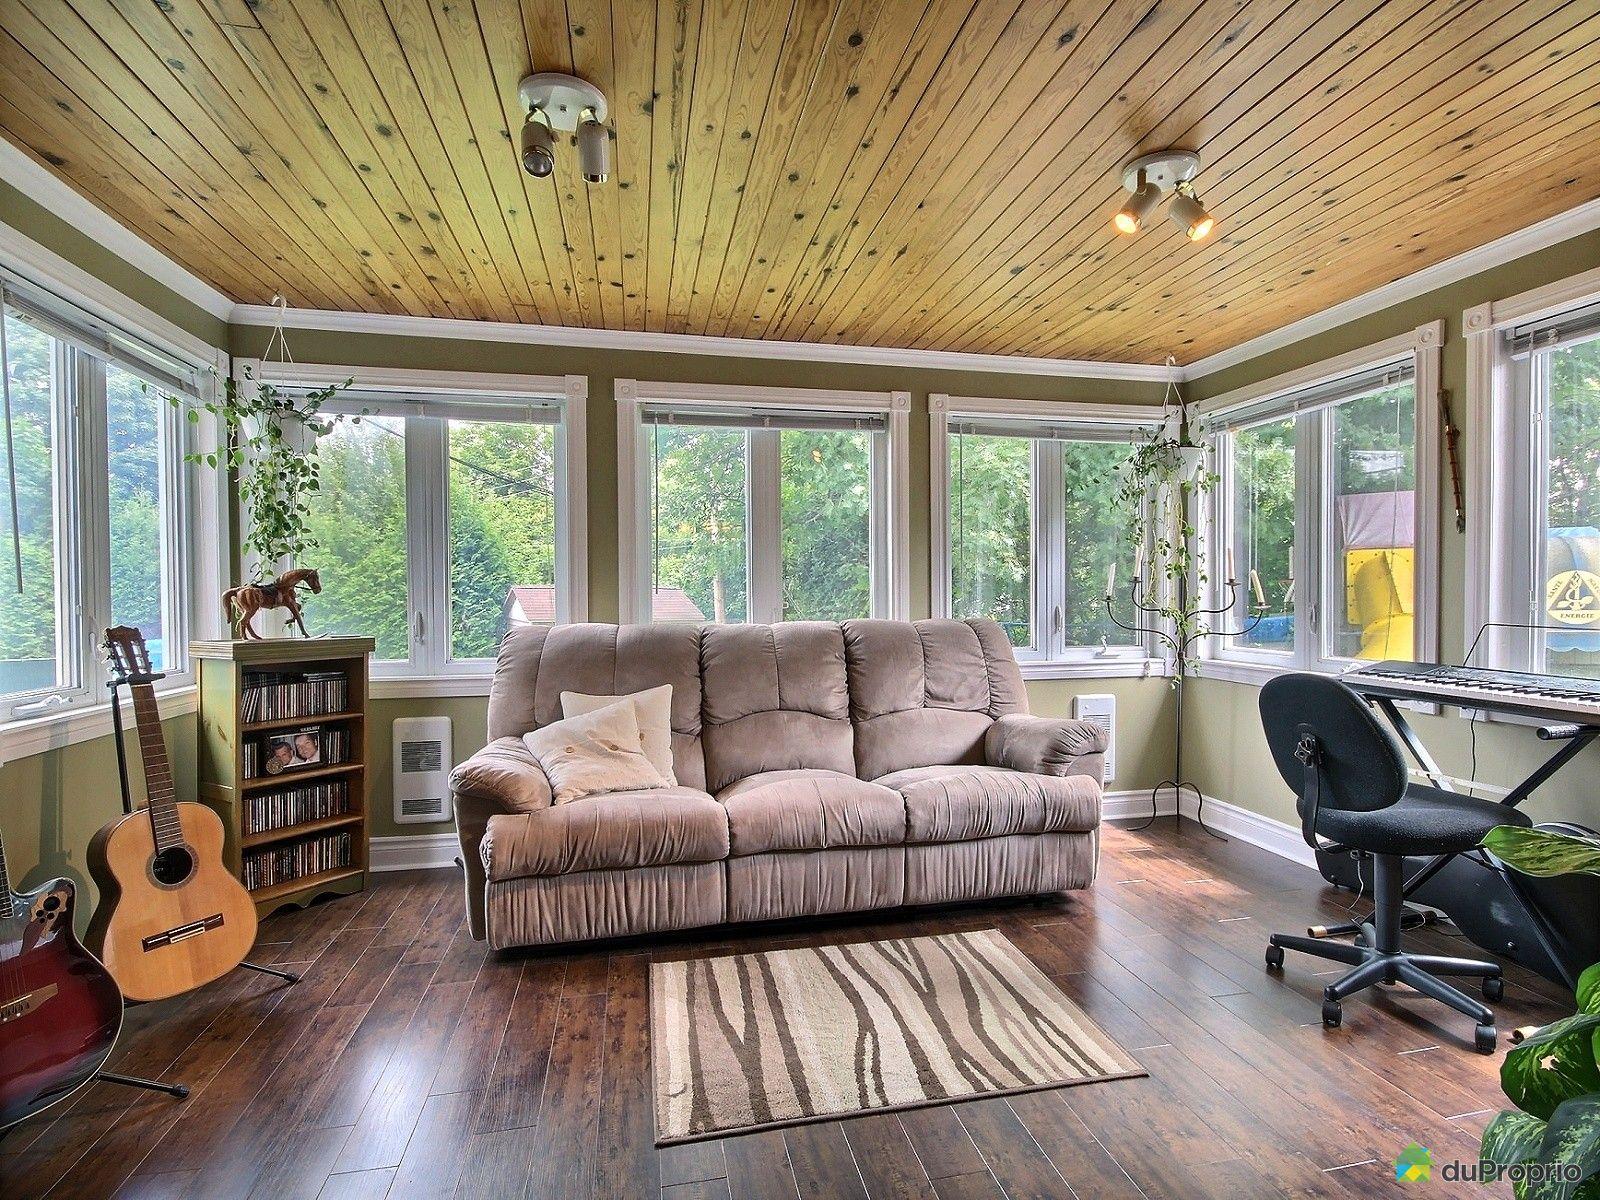 bi g n ration vendre st j r me 1182 rue 11e immobilier qu bec duproprio 485053. Black Bedroom Furniture Sets. Home Design Ideas